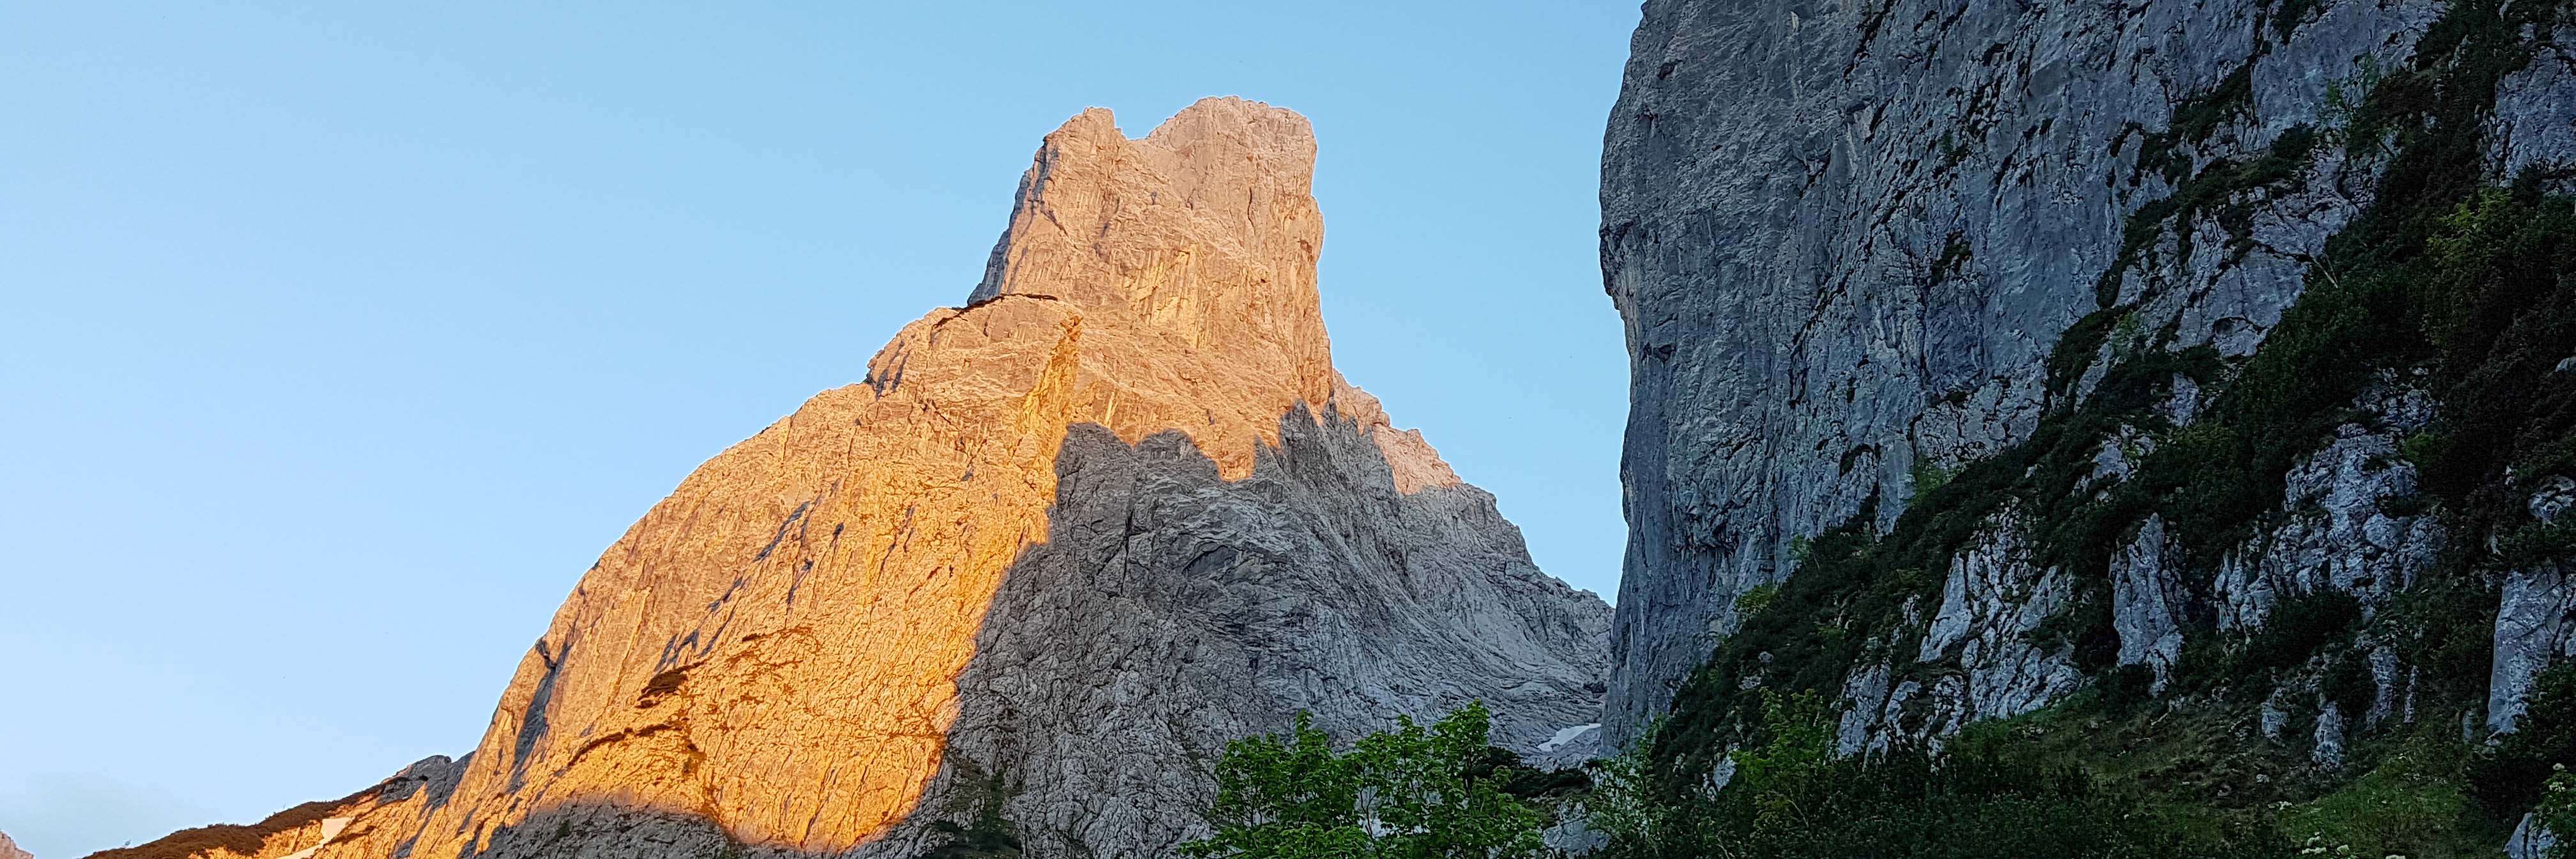 Wilderkaiser Kletterkurs